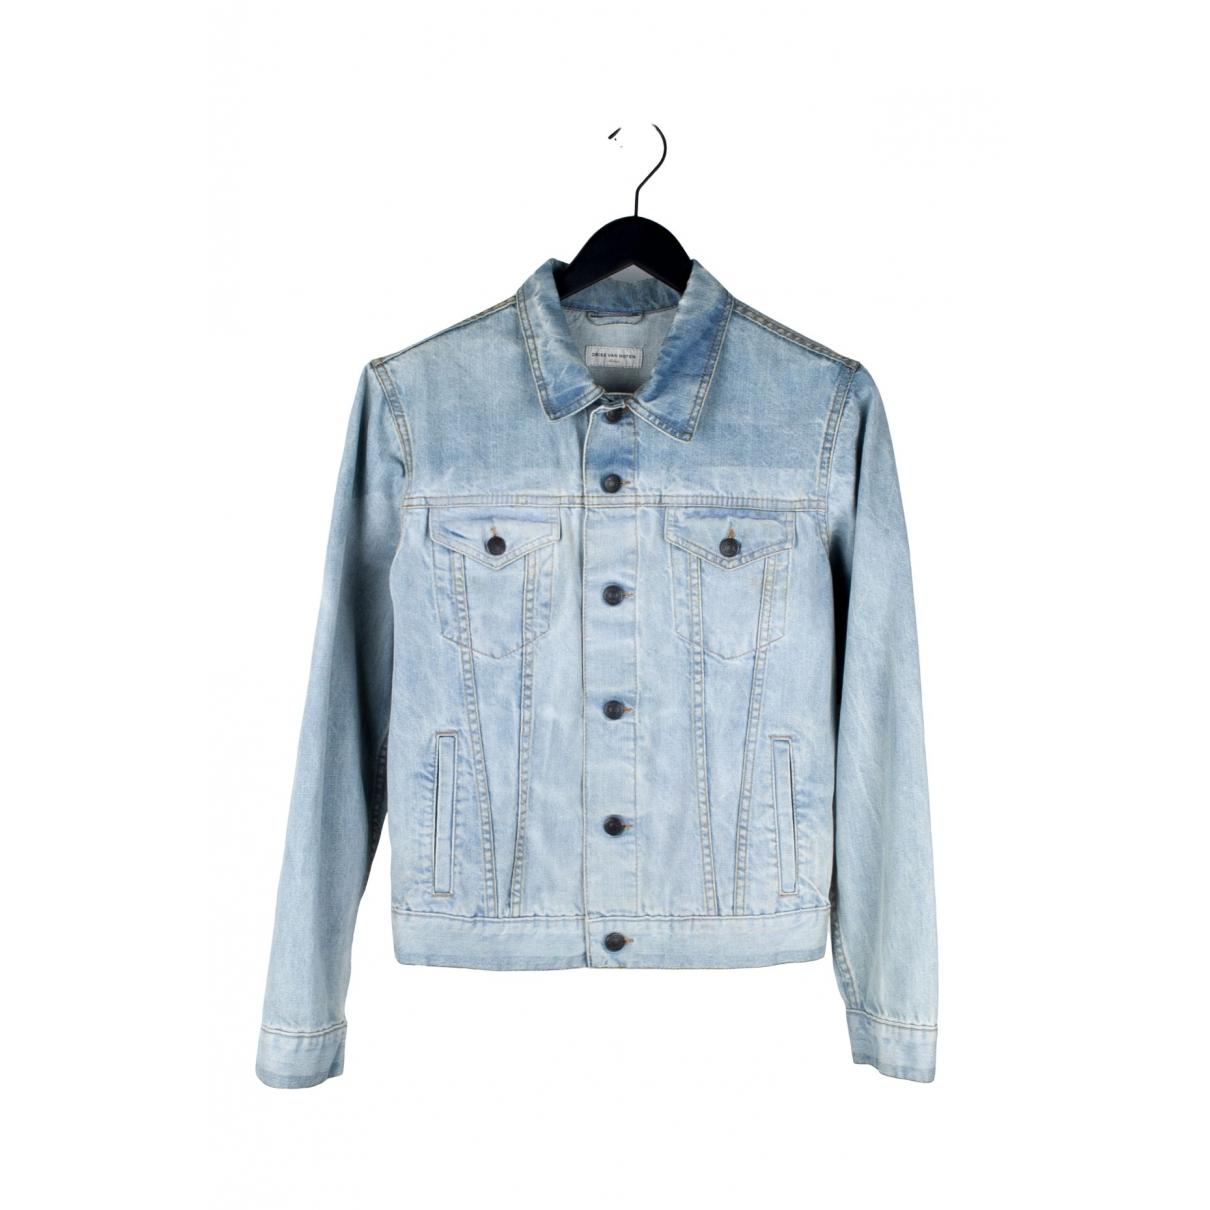 Dries Van Noten \N Jacke in  Blau Denim - Jeans